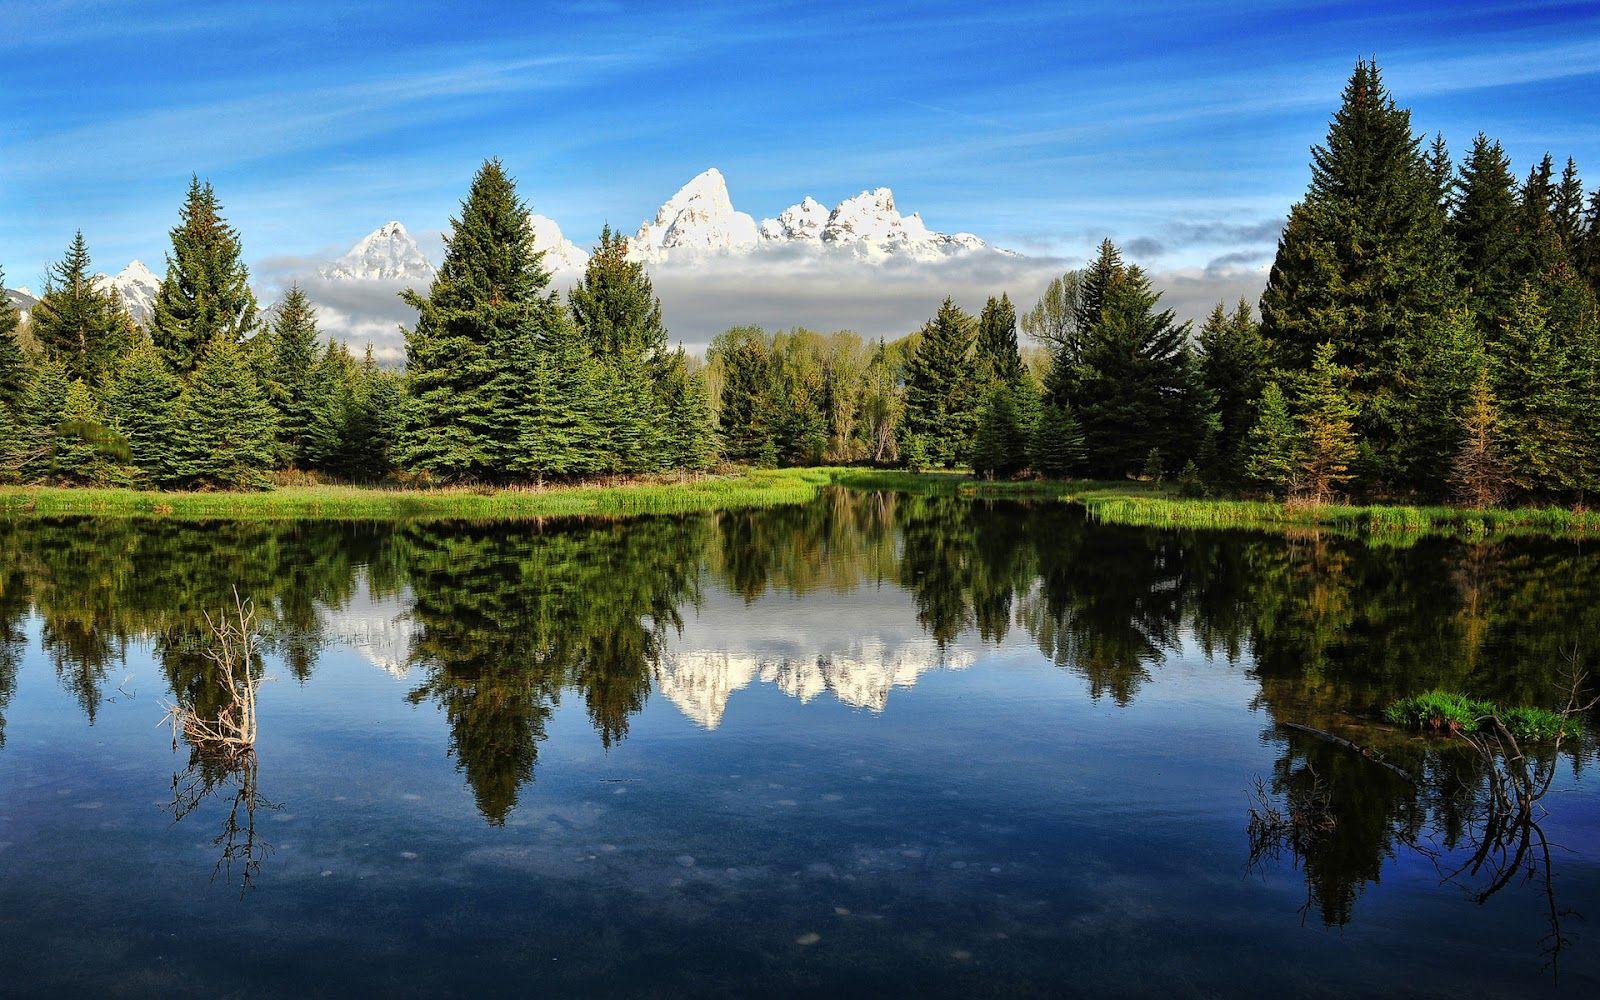 Paisajes bosques hd naturalez hermosa paisajes monta as for Natural landscape